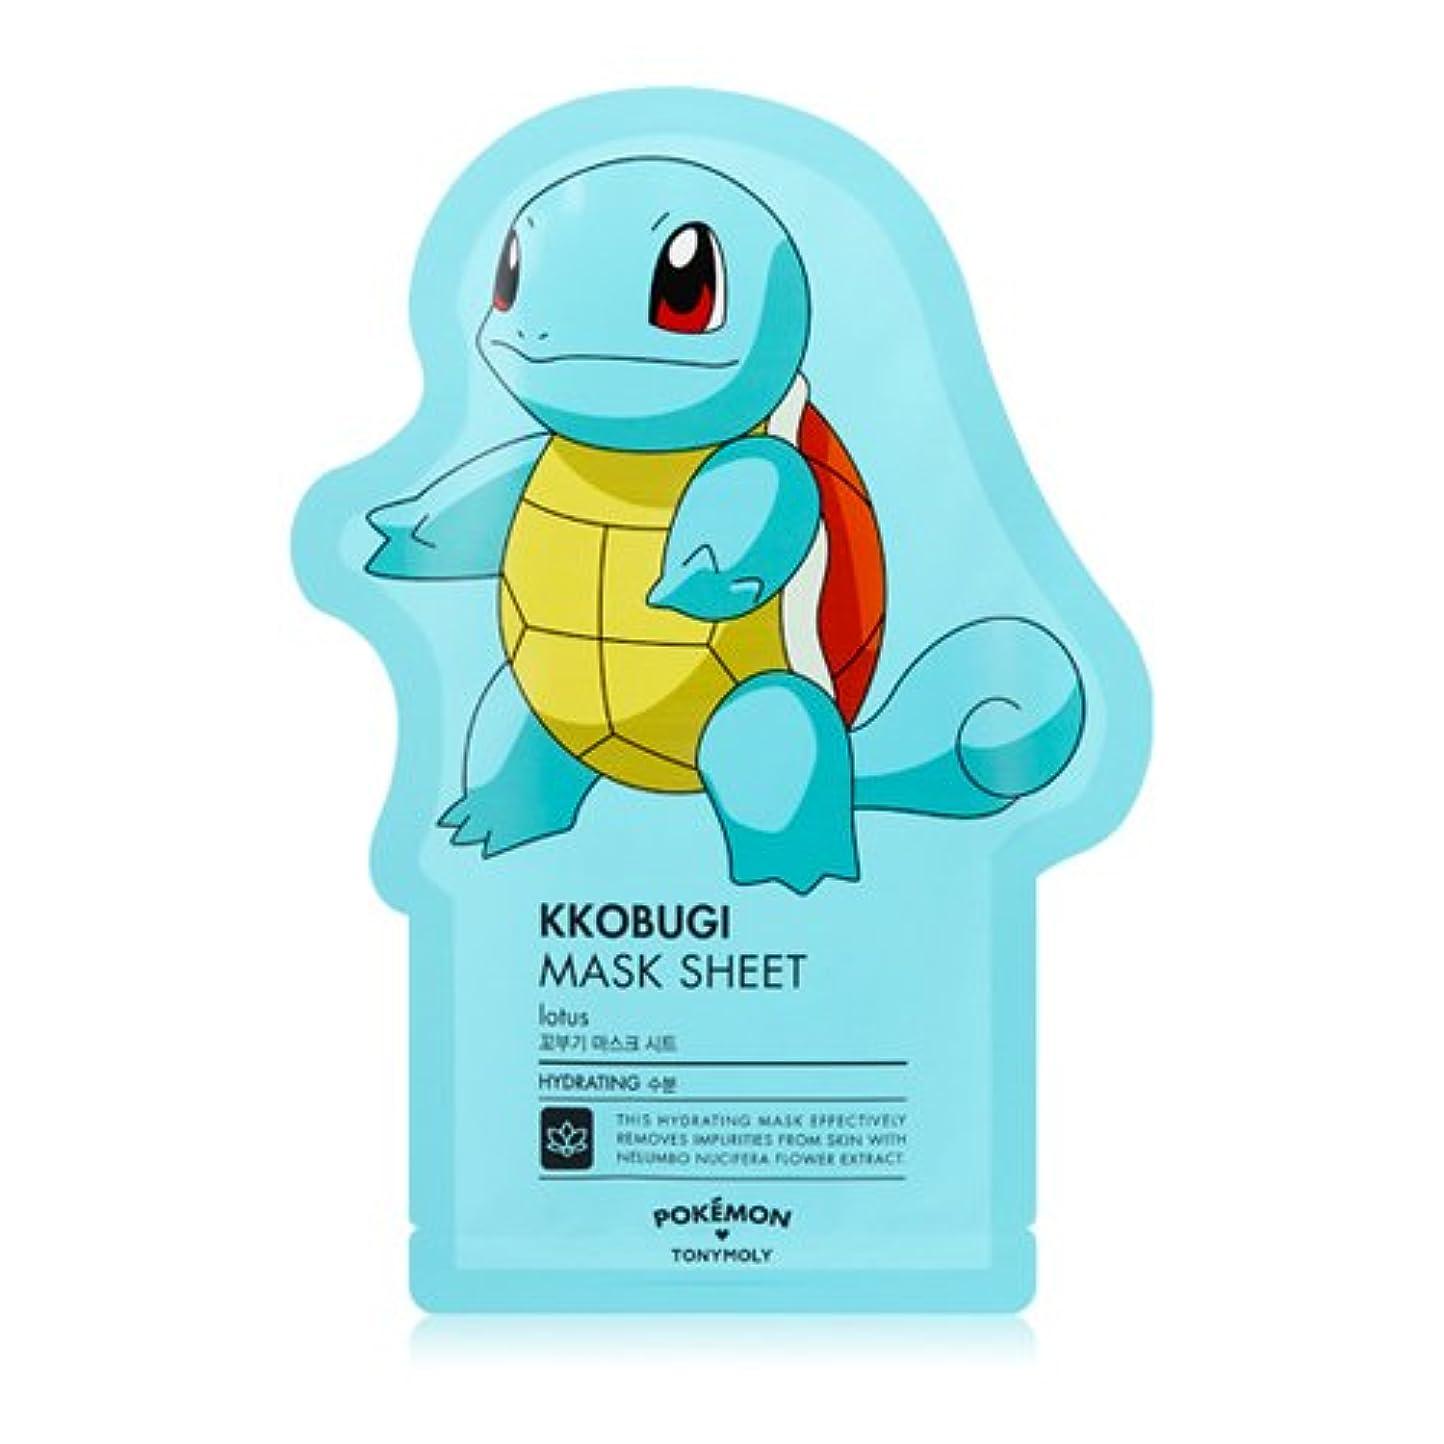 シニスビットカビTONYMOLY x Pokemon Squirtle/Kkobugi Mask Sheet (並行輸入品)